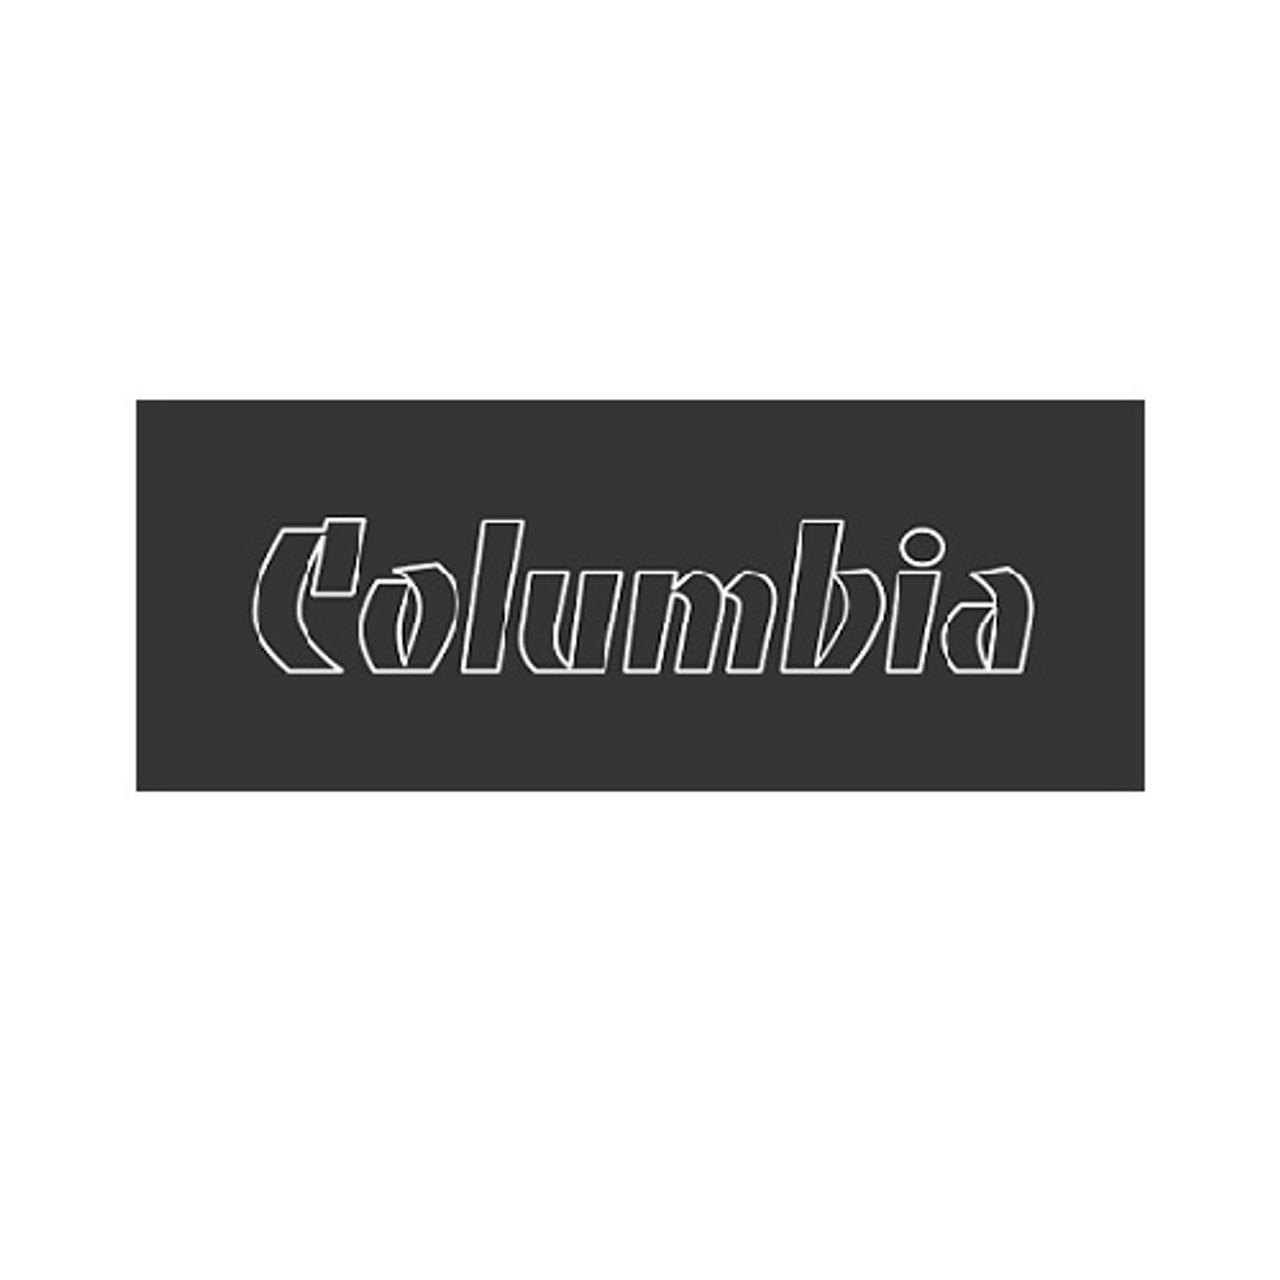 Columbia Repair Kits